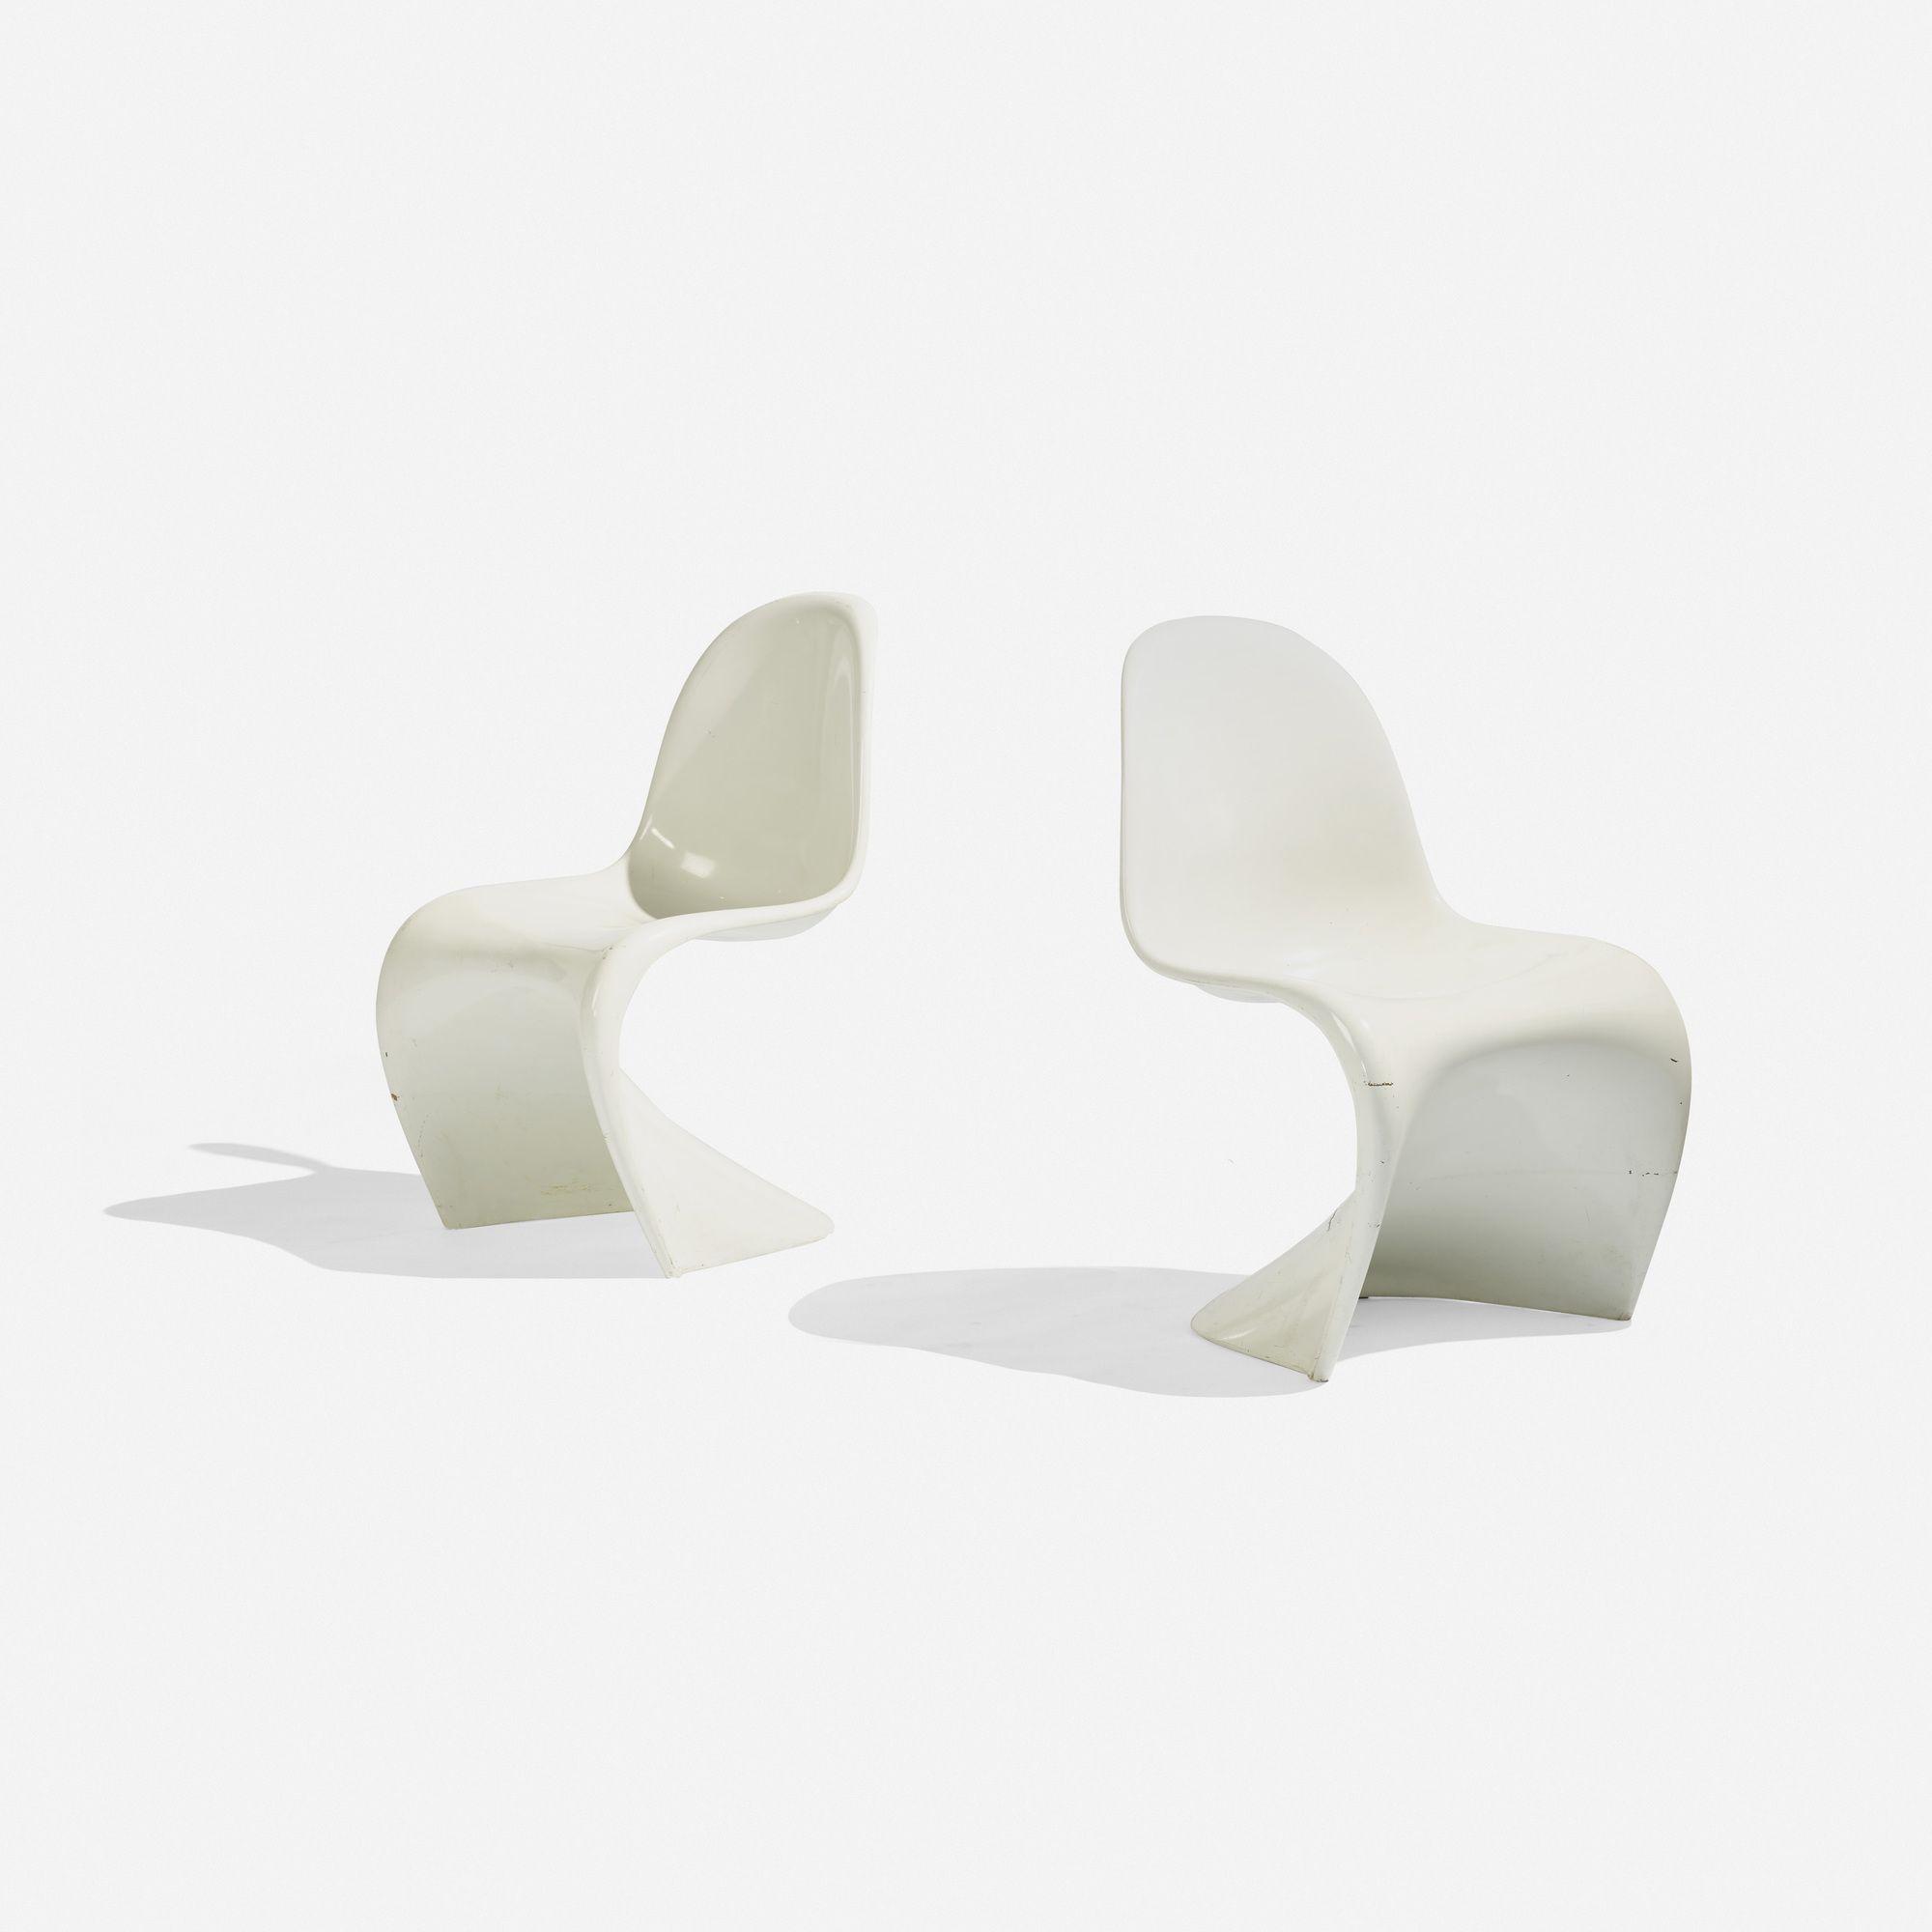 Lot 246: Verner Panton. Panton chairs, pair. 1967, molded fiberglass ...